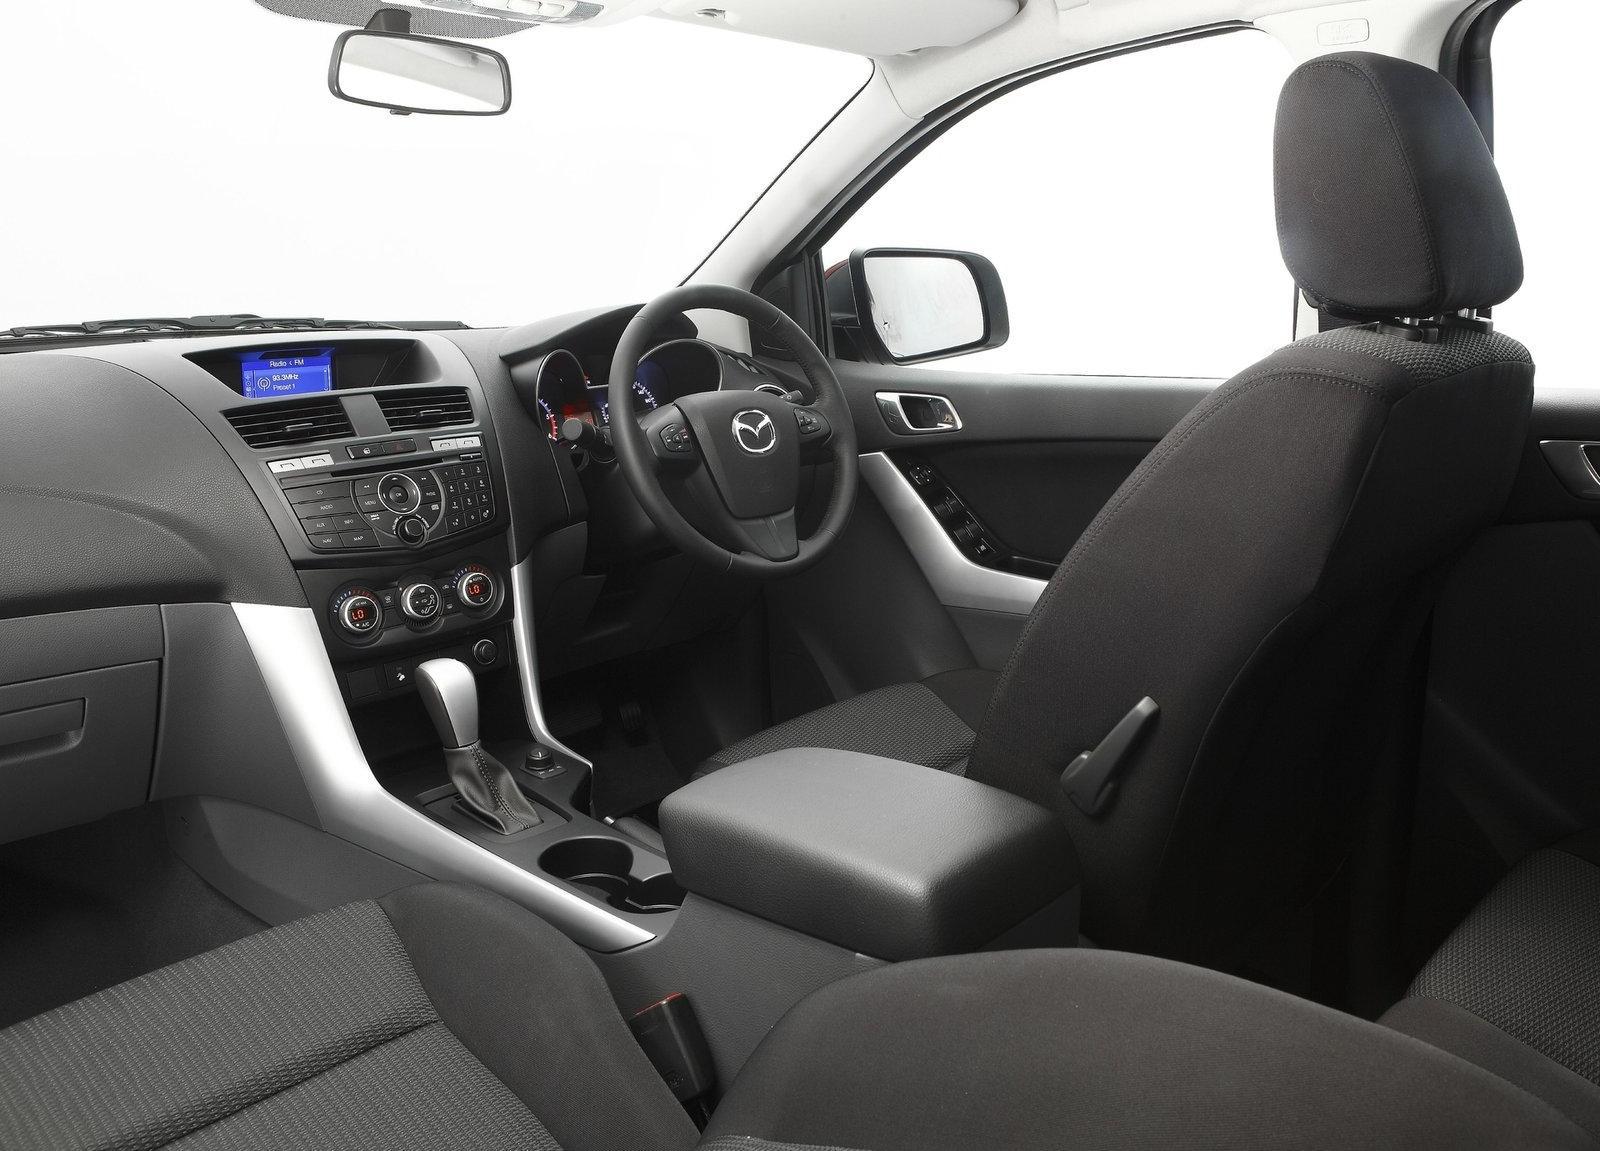 http://3.bp.blogspot.com/_7LQxj656qB0/TLnxNqusKZI/AAAAAAAAJQI/mXP9M03oAlY/s1600/2011+Mazda+BT-50+5.jpg